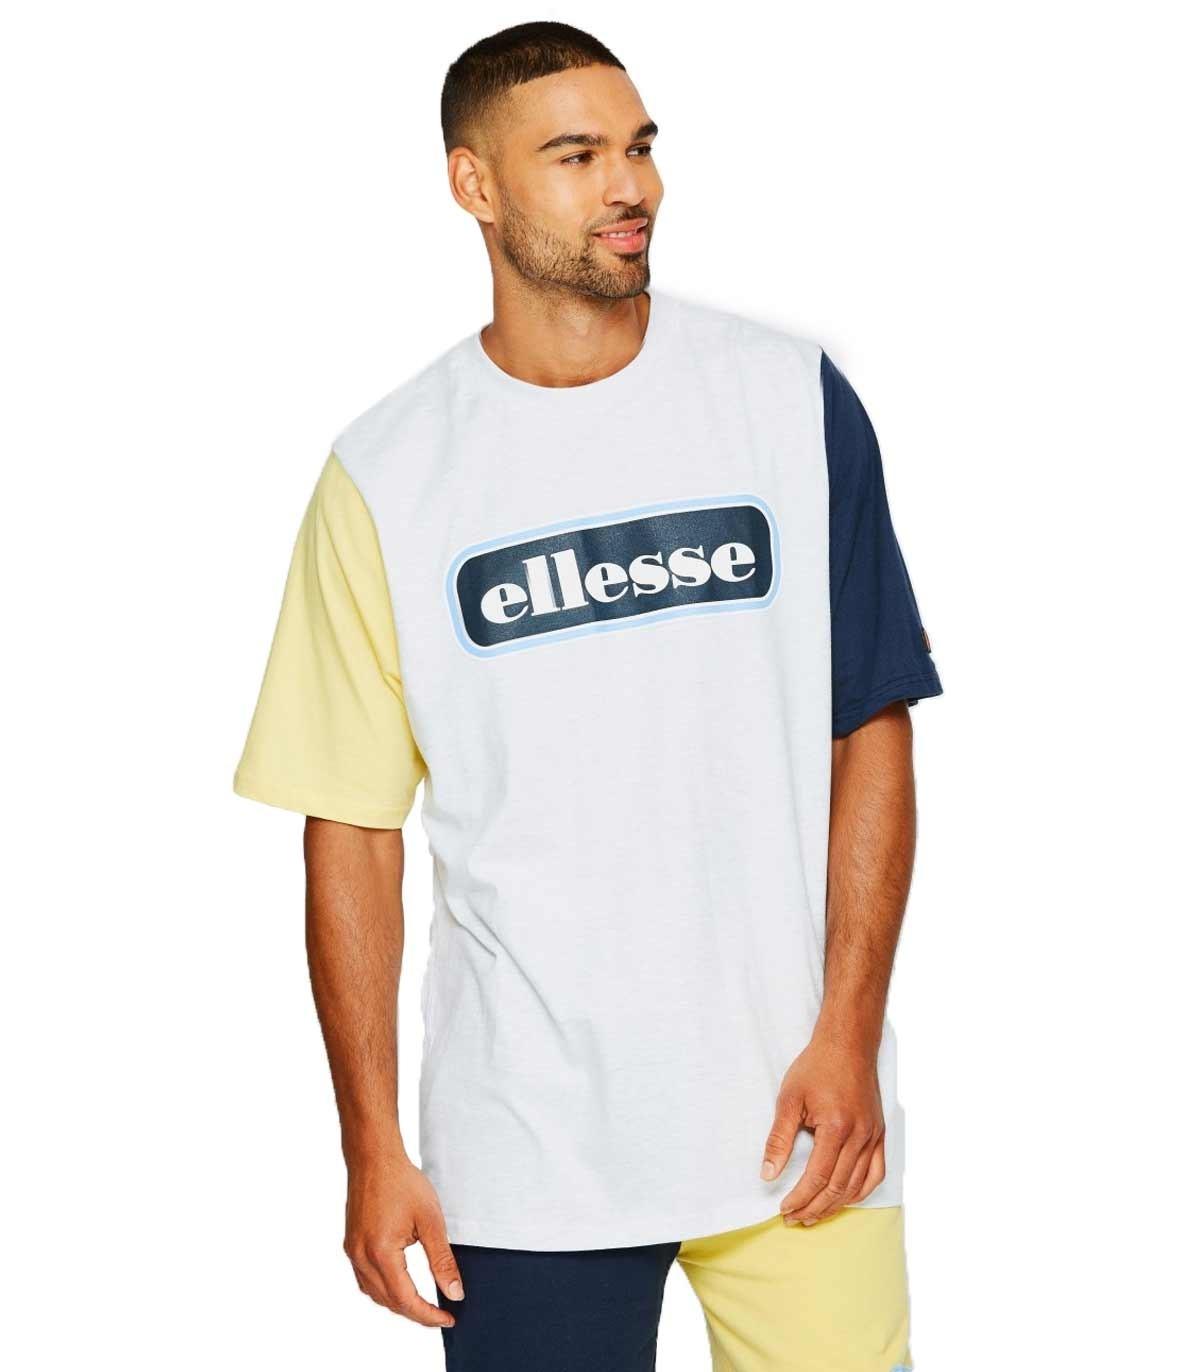 Comprar Comprar Ellesse Ellesse Comprar Camiseta Ellesse Camiseta Camiseta nwOPk80